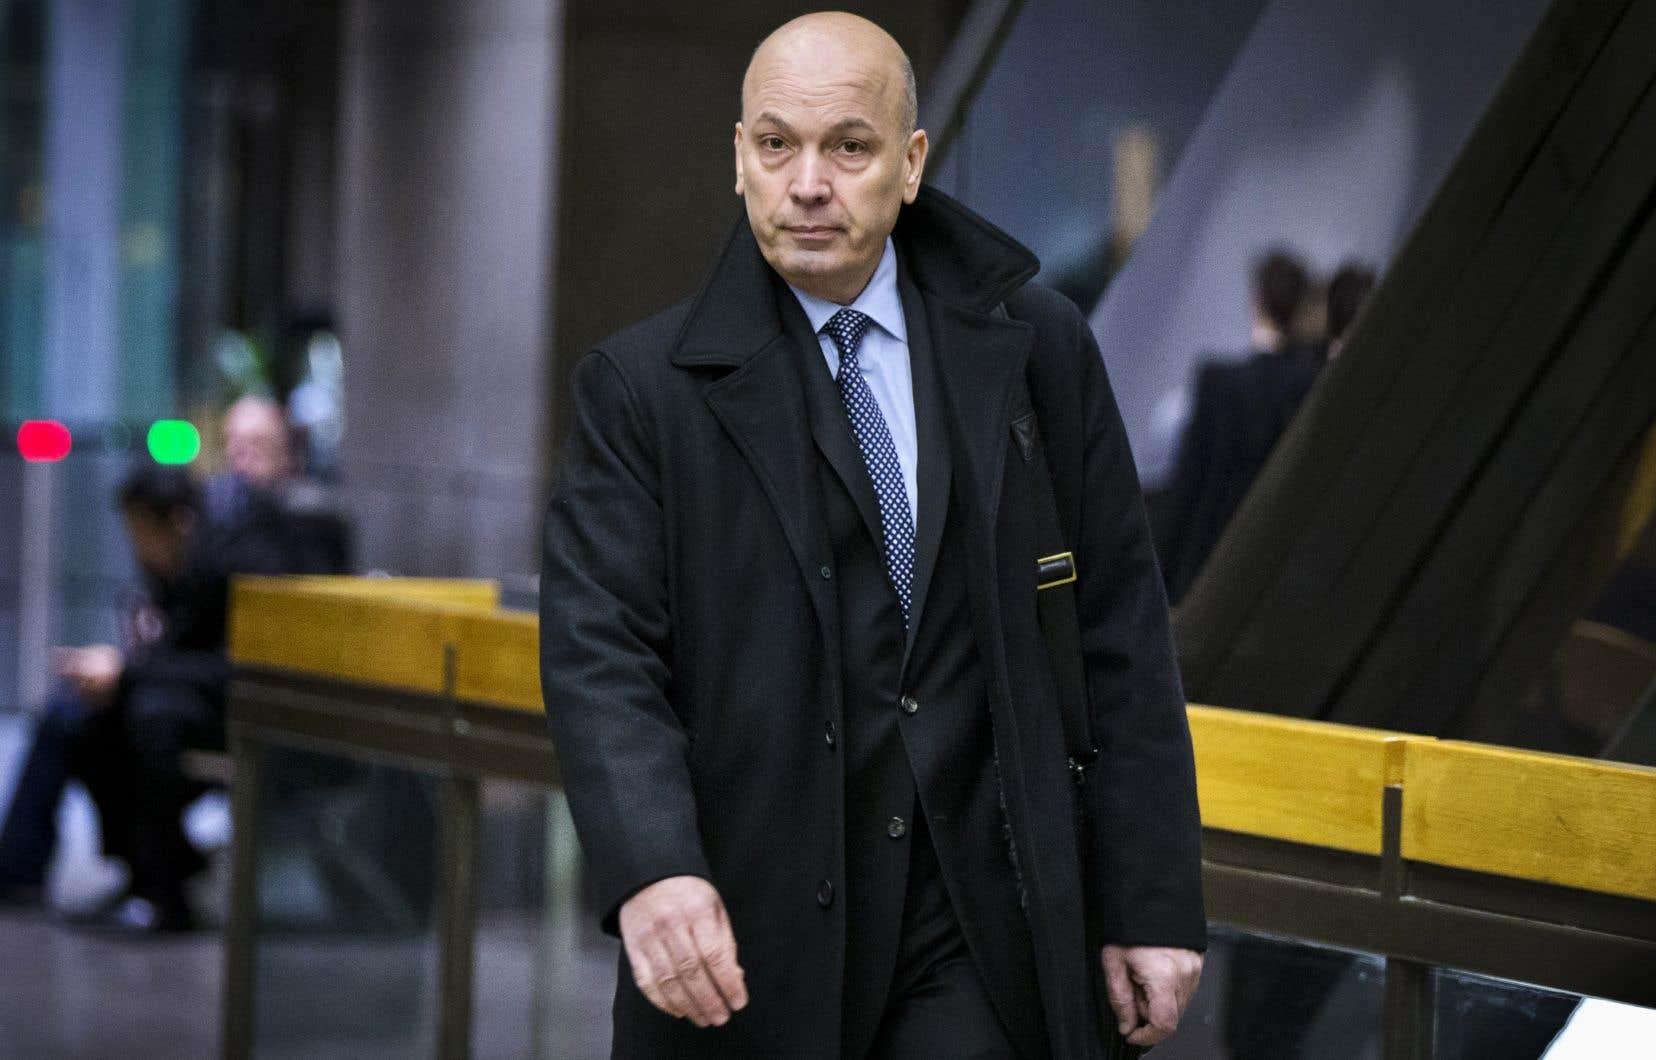 La Ville de Montréals'est adressée aux tribunaux pour réclamer 14millions de dollars de quatorze entreprises et individus, parmi lesquels Frank Zampino relativement à l'octroi du contrat des compteurs d'eau.